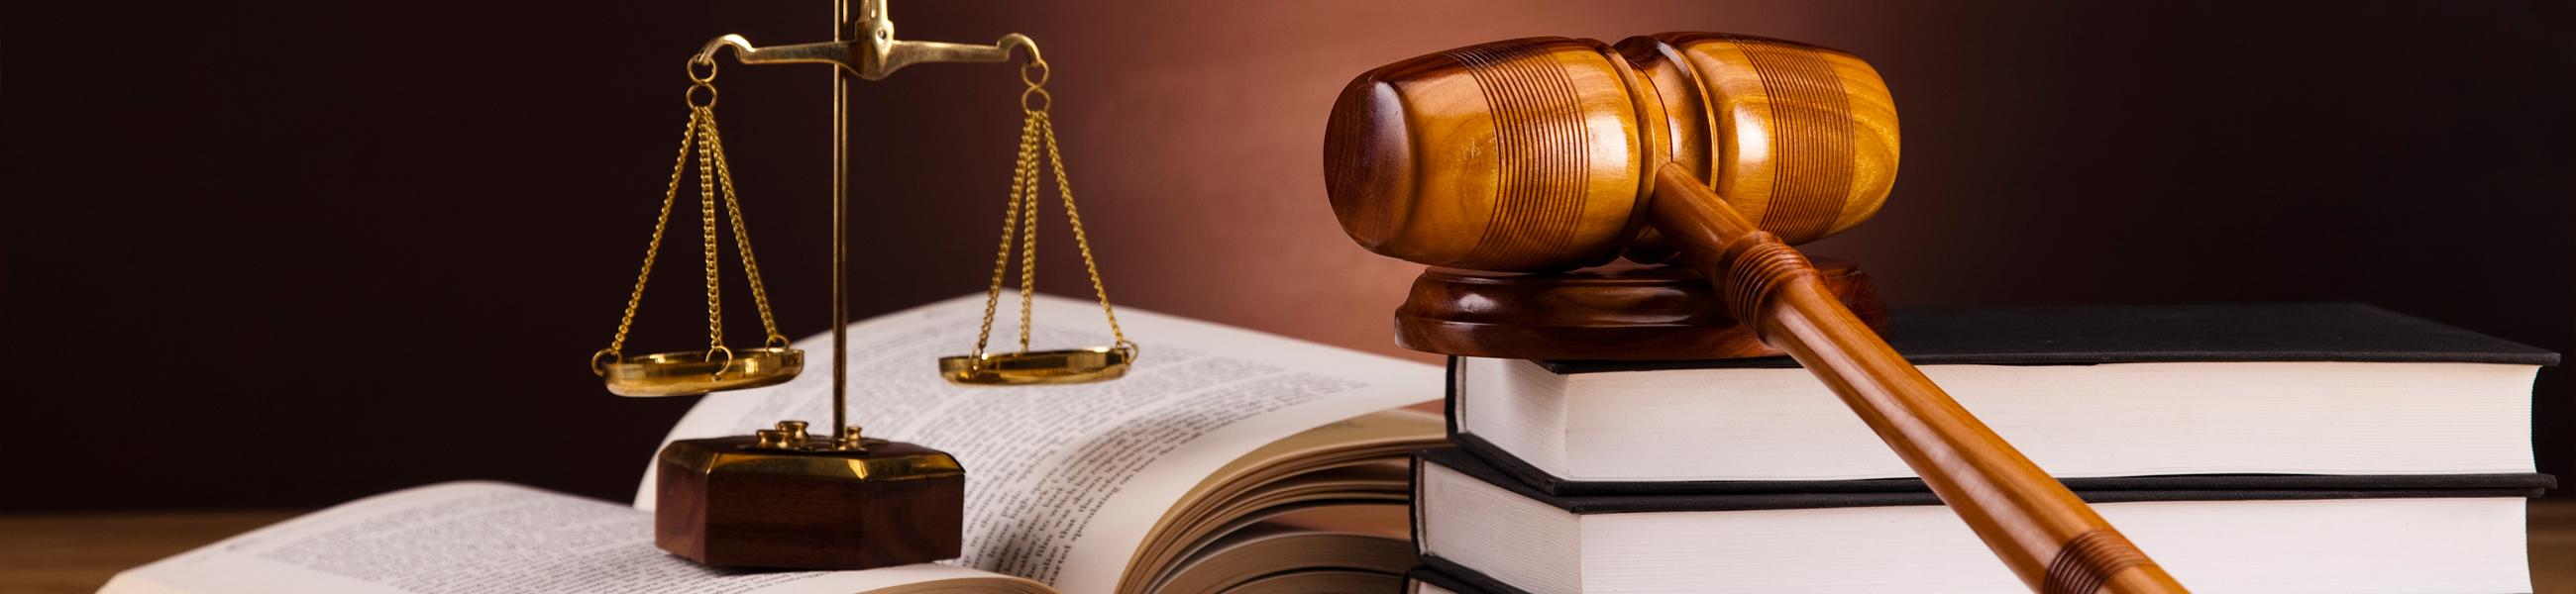 attorney-services-header